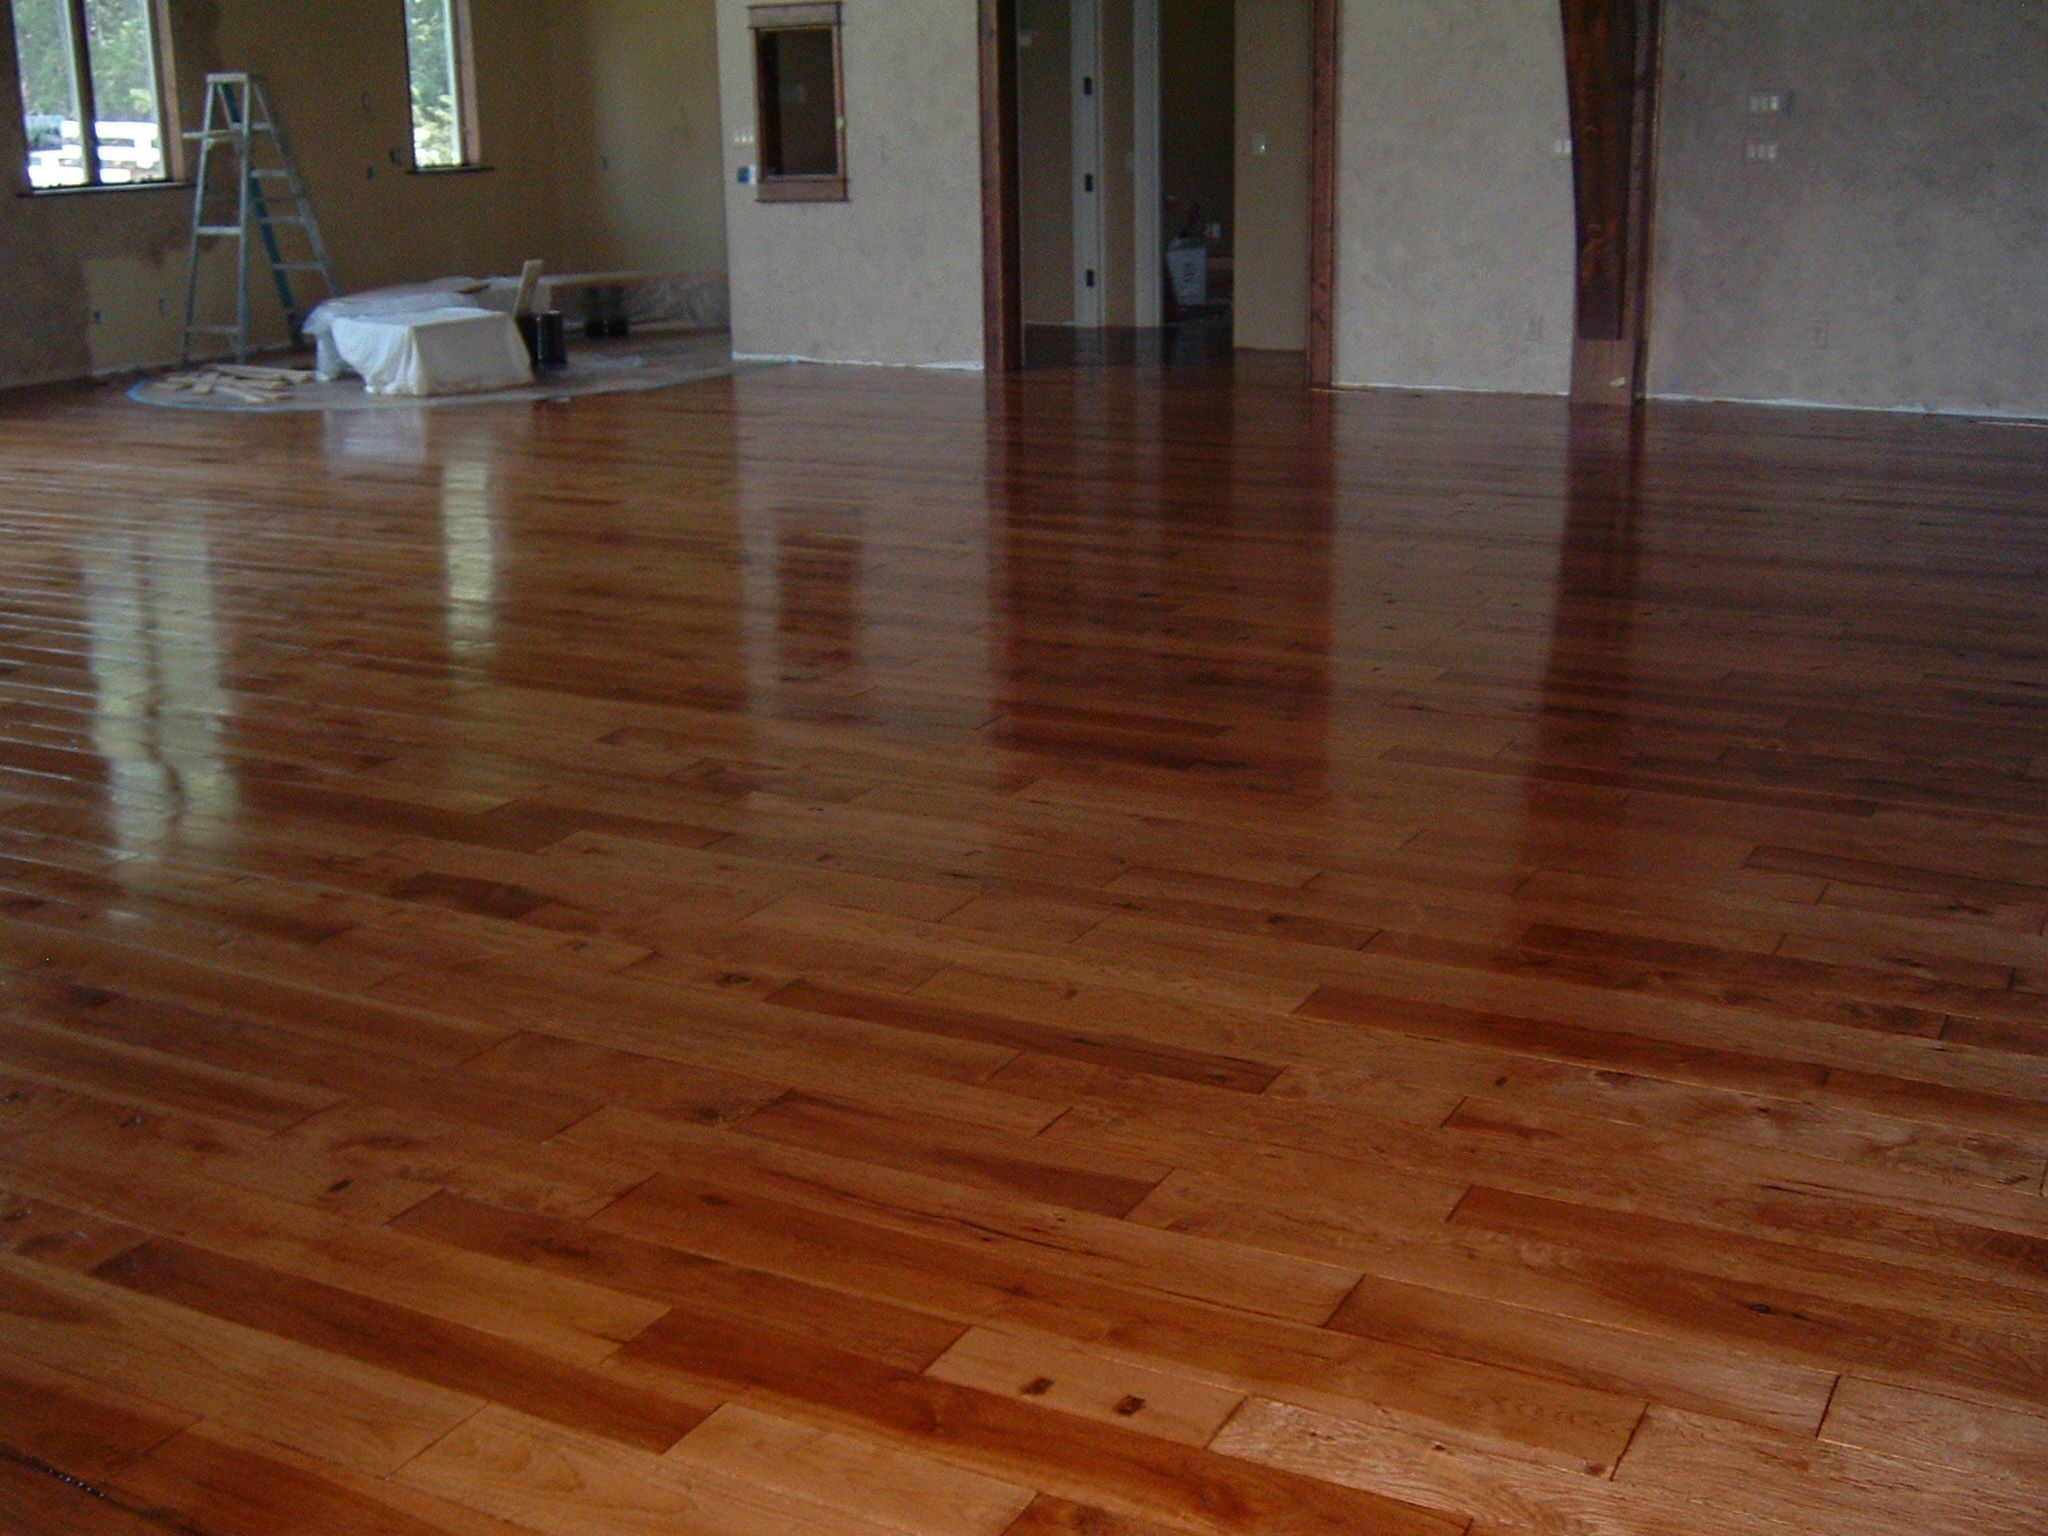 Epoxy Over Old Wood Floor Flooring Old Wood Floors Hardwood Floors